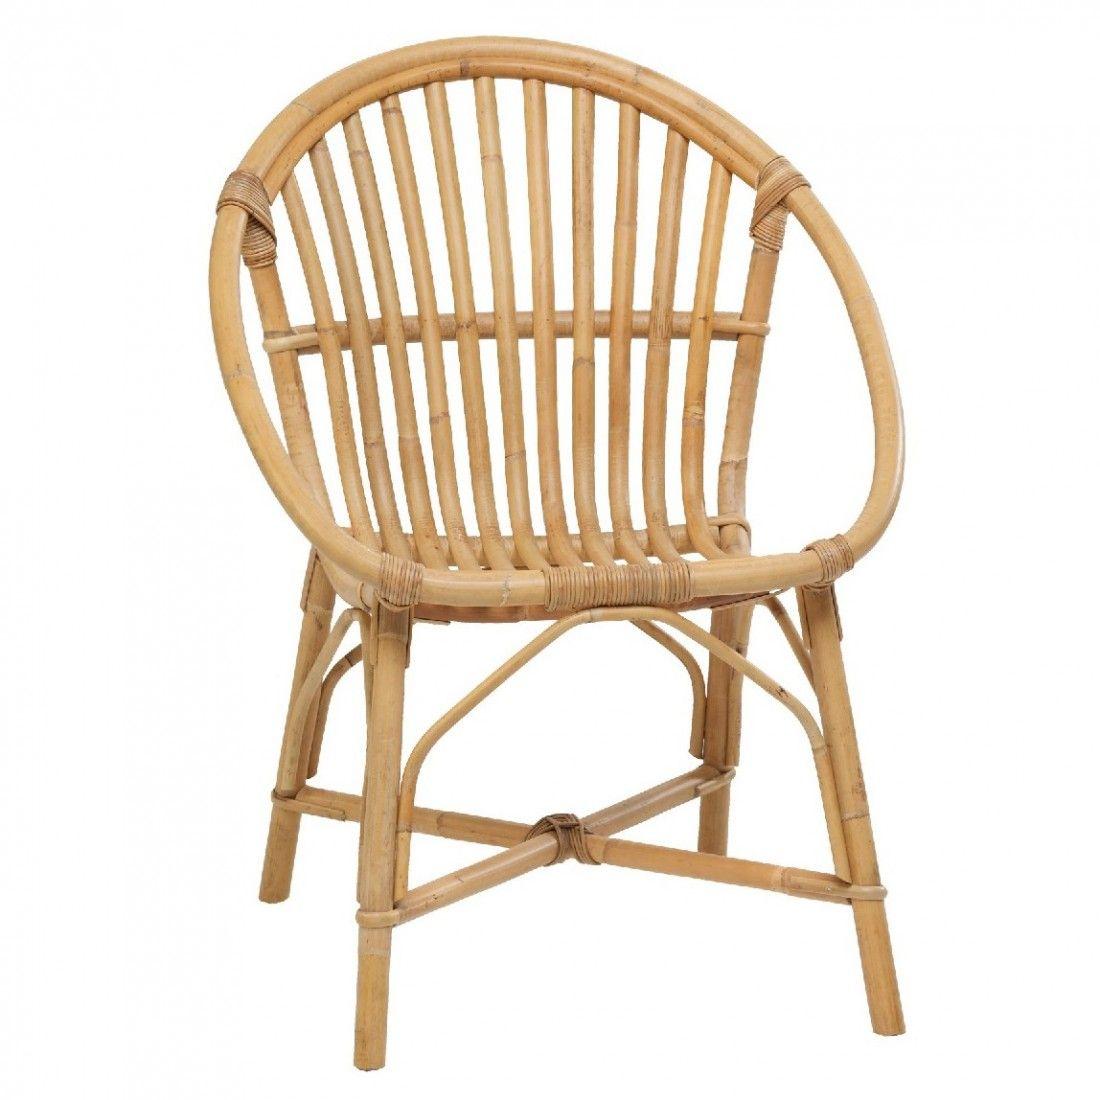 Comment Repeindre Des Fauteuils En Rotin fauteuil en rotin bruno | fauteuil rotin, fauteuil et rotin